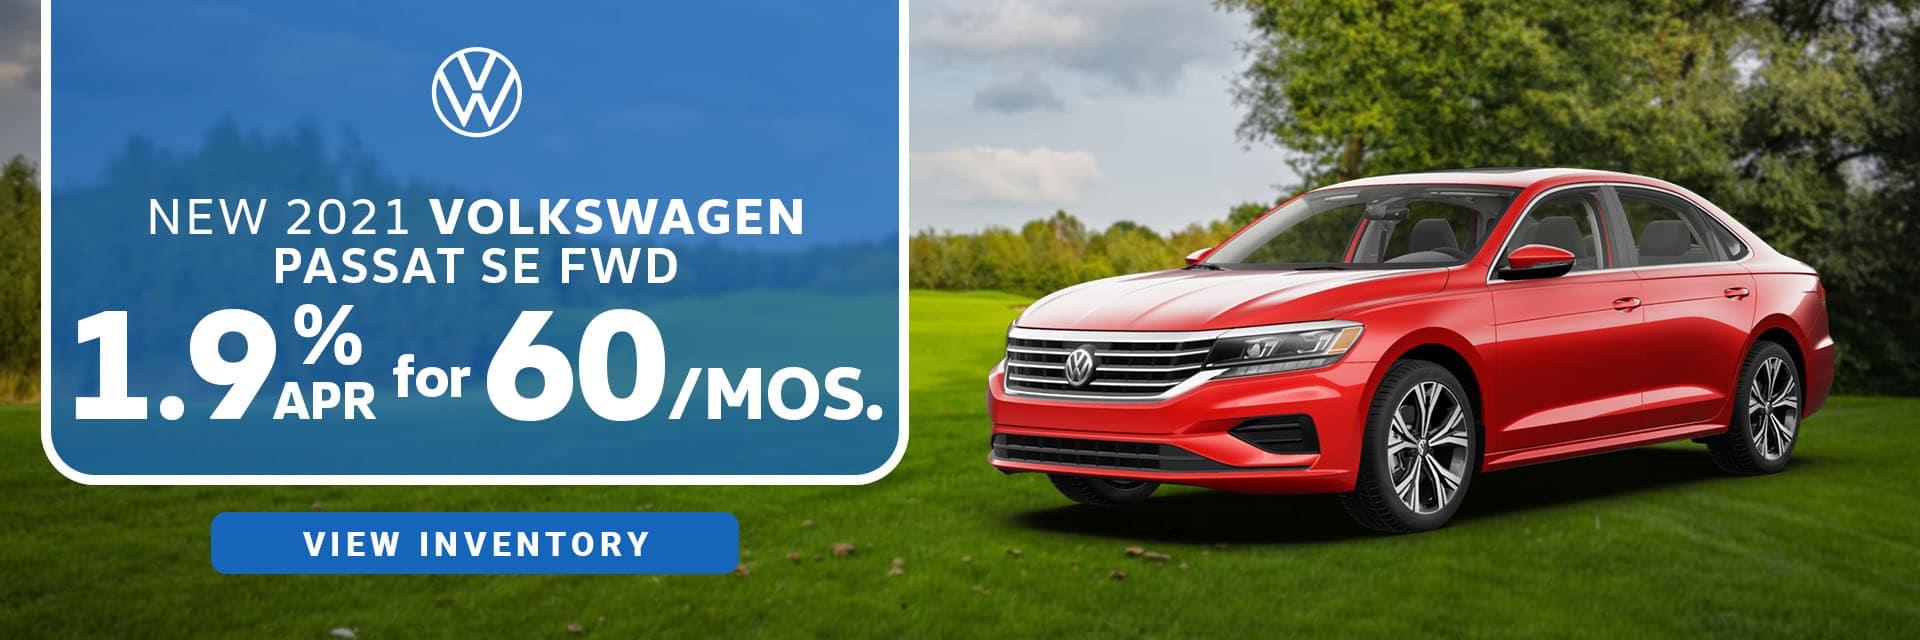 CVWG-October 20212021 Volkswagen Passat copy